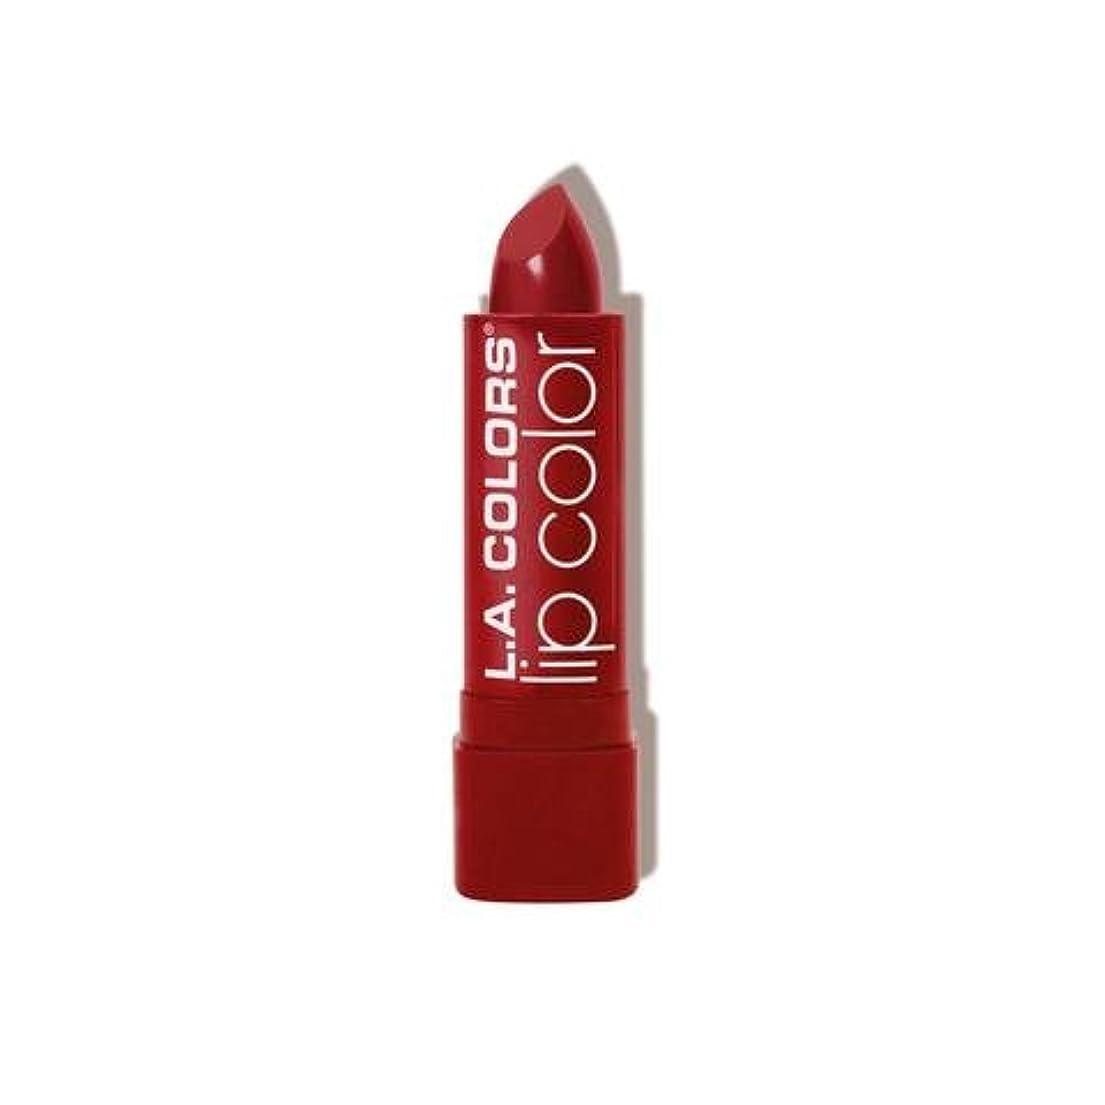 L.A. COLORS Moisture Rich Lip Color - Berry Red (並行輸入品)